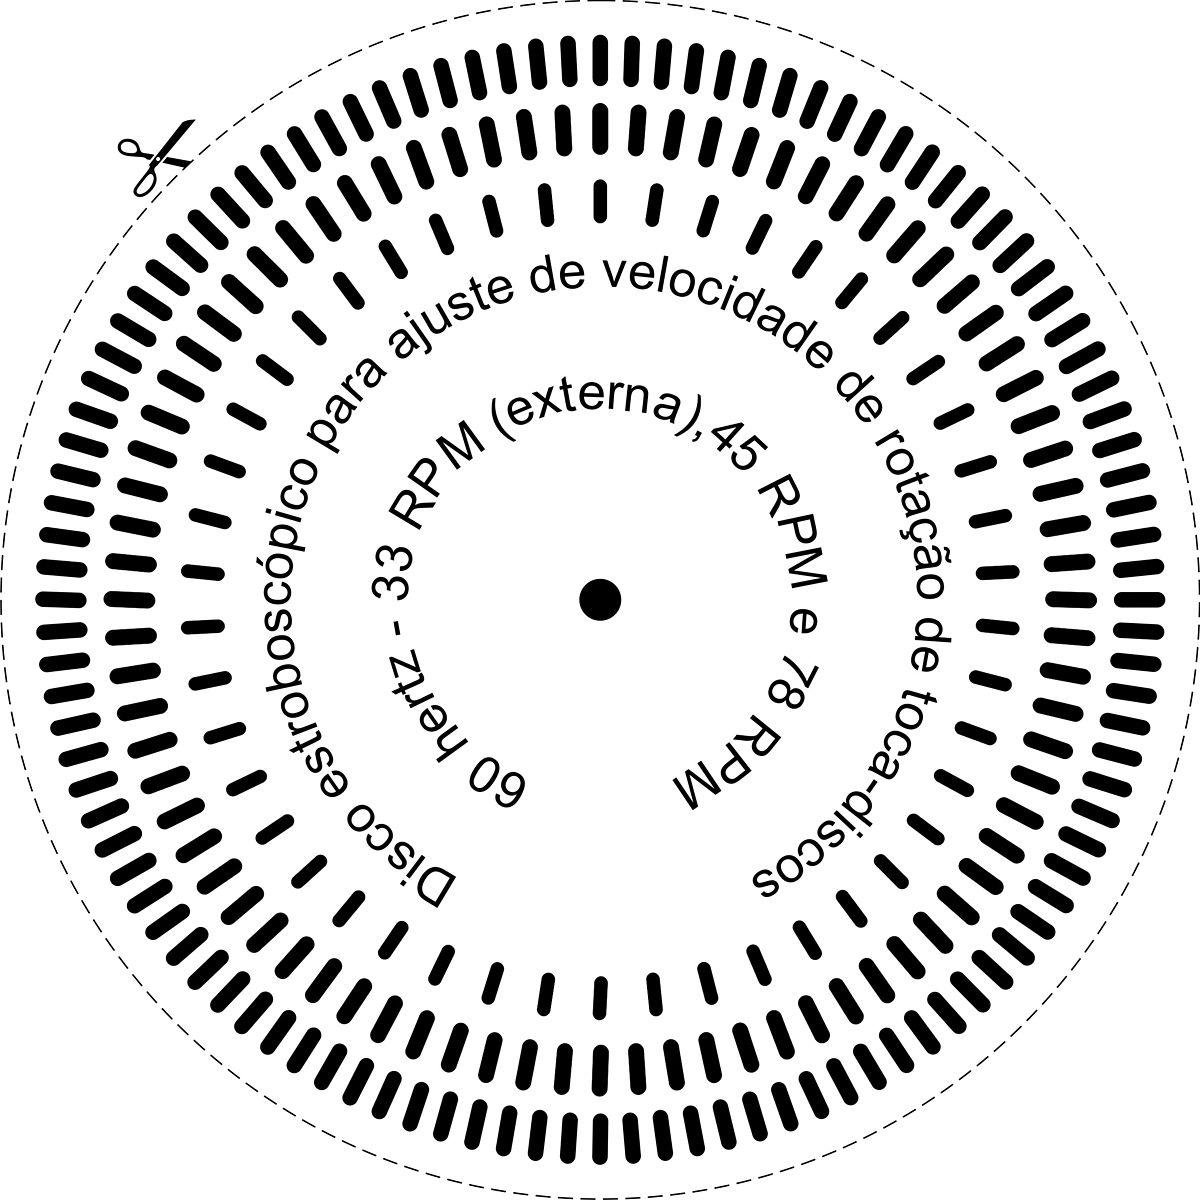 Disco stroboscopico  Wikipedia